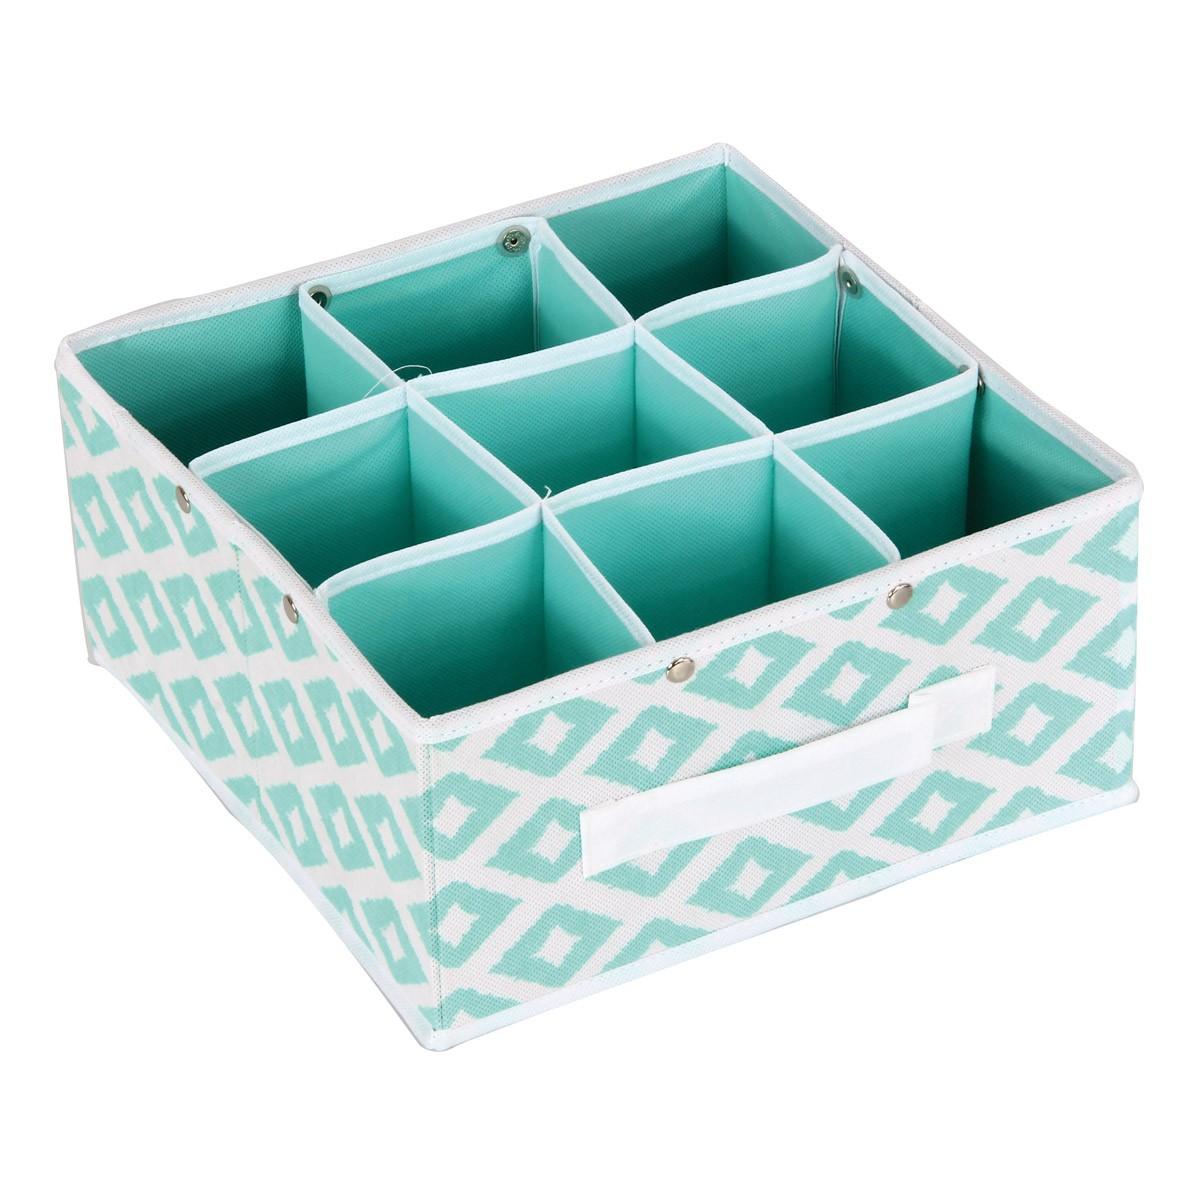 Κουτί Τακτοποίησης 9 Θέσεων εstia 03-2053 Turquoise home   κρεβατοκάμαρα   οργάνωση ντουλάπας